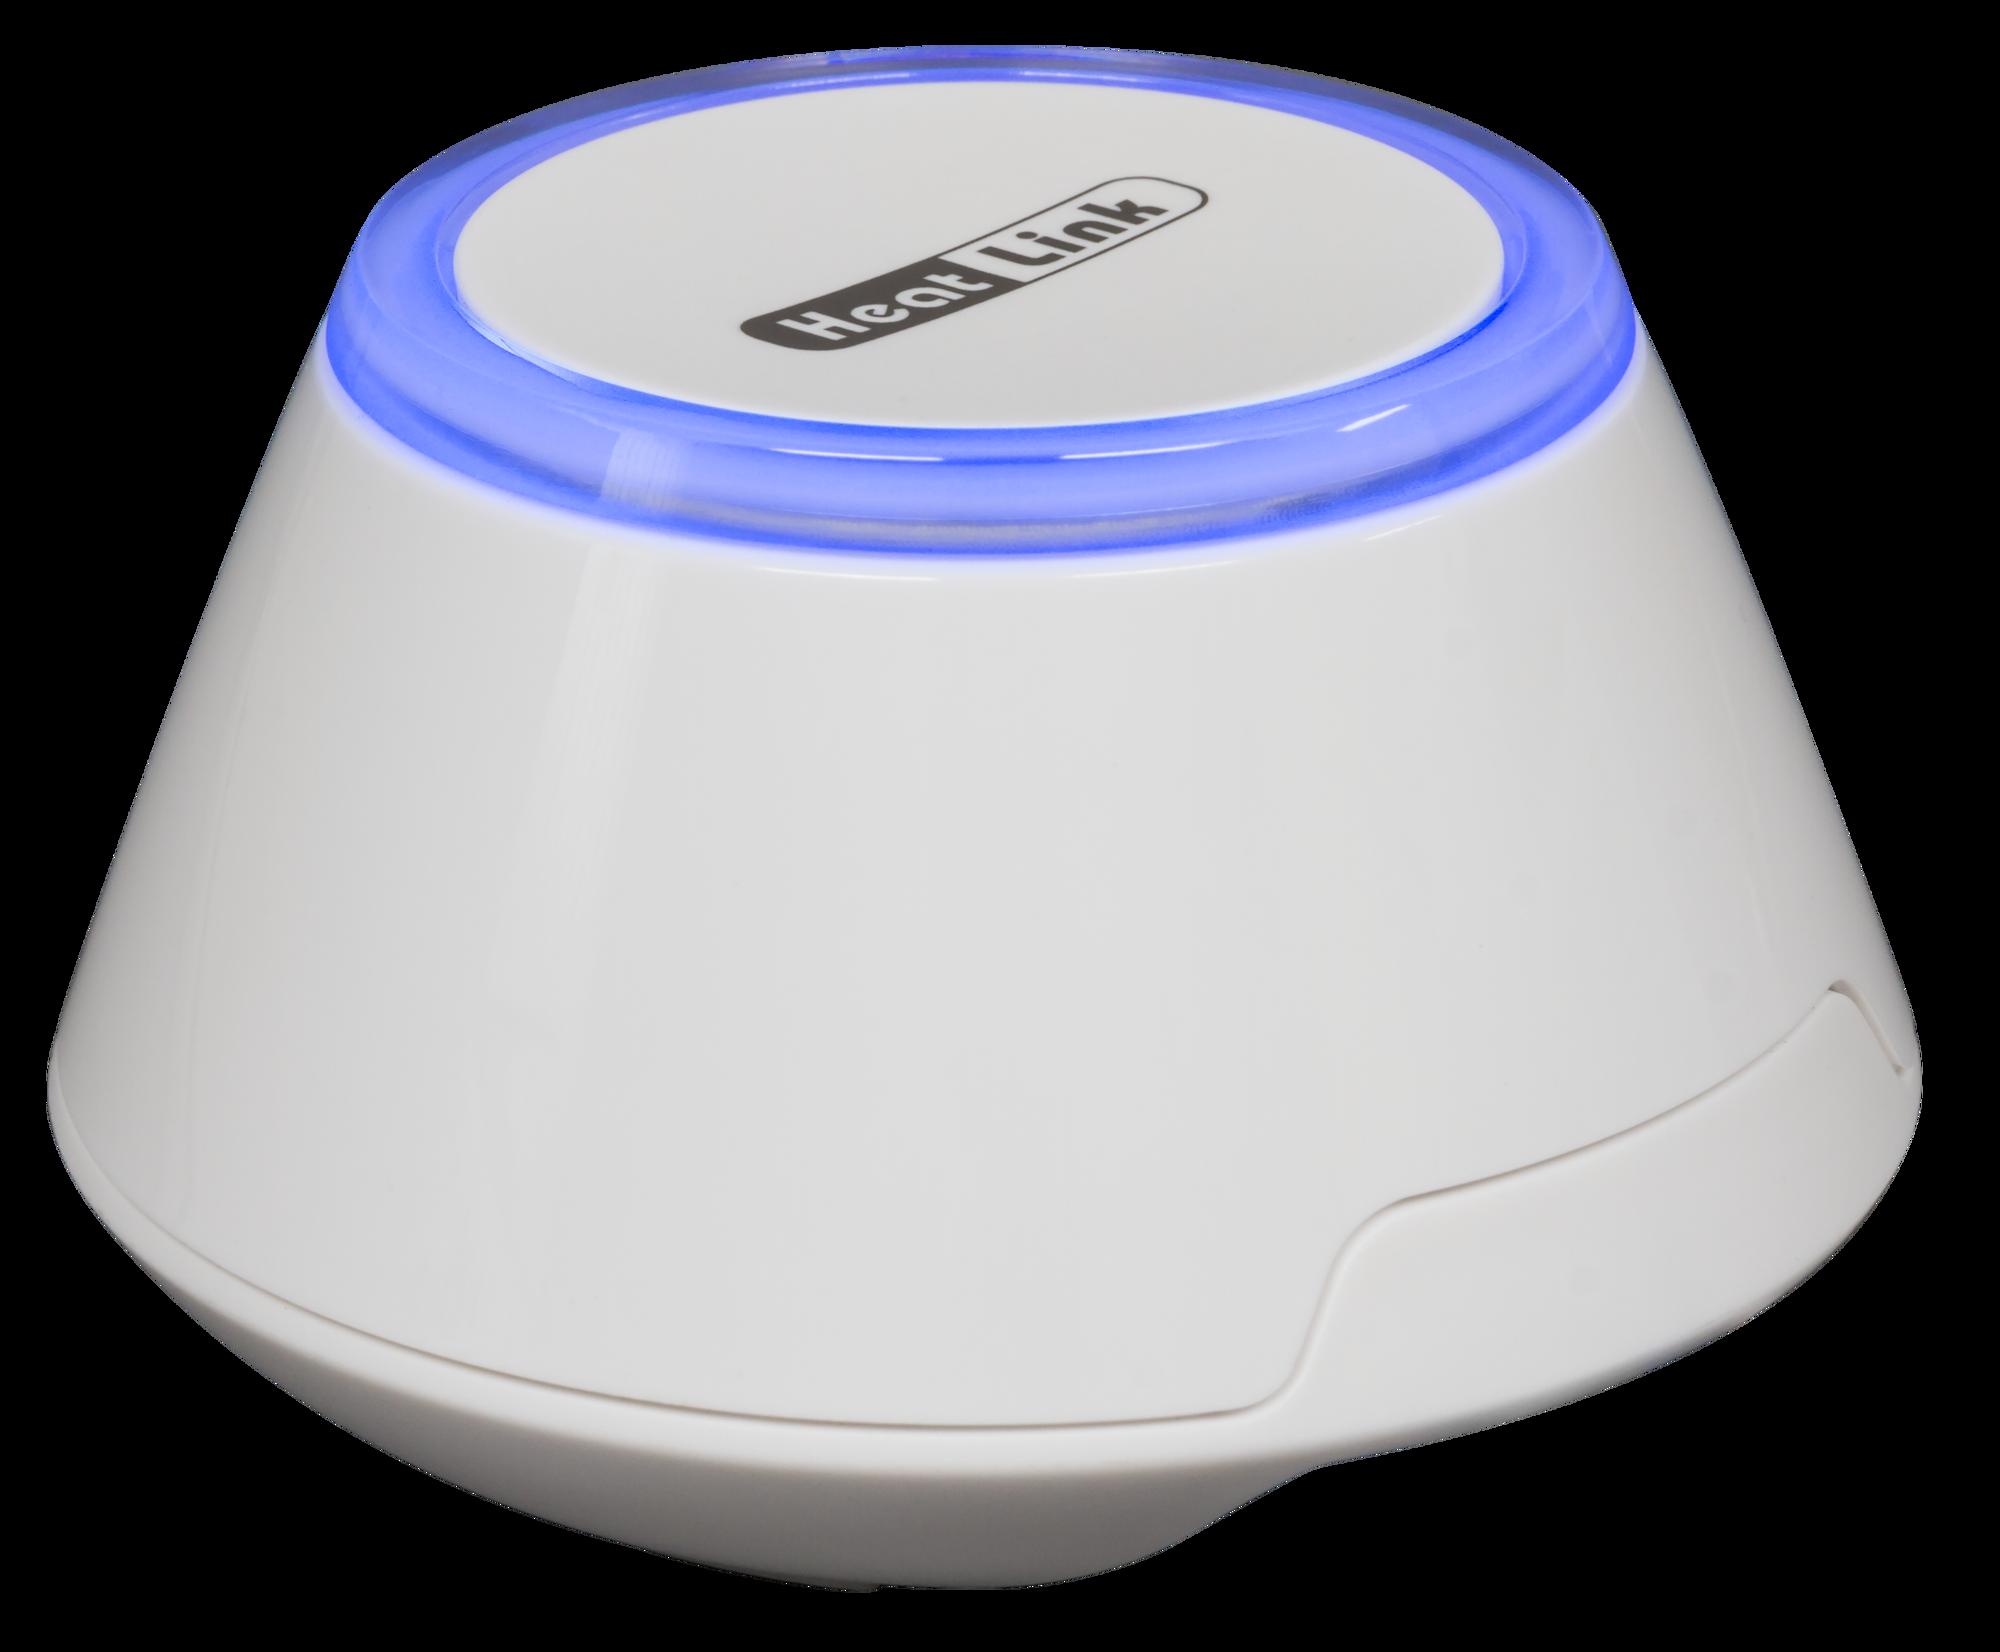 Wireless Internet Gateway | HeatLink